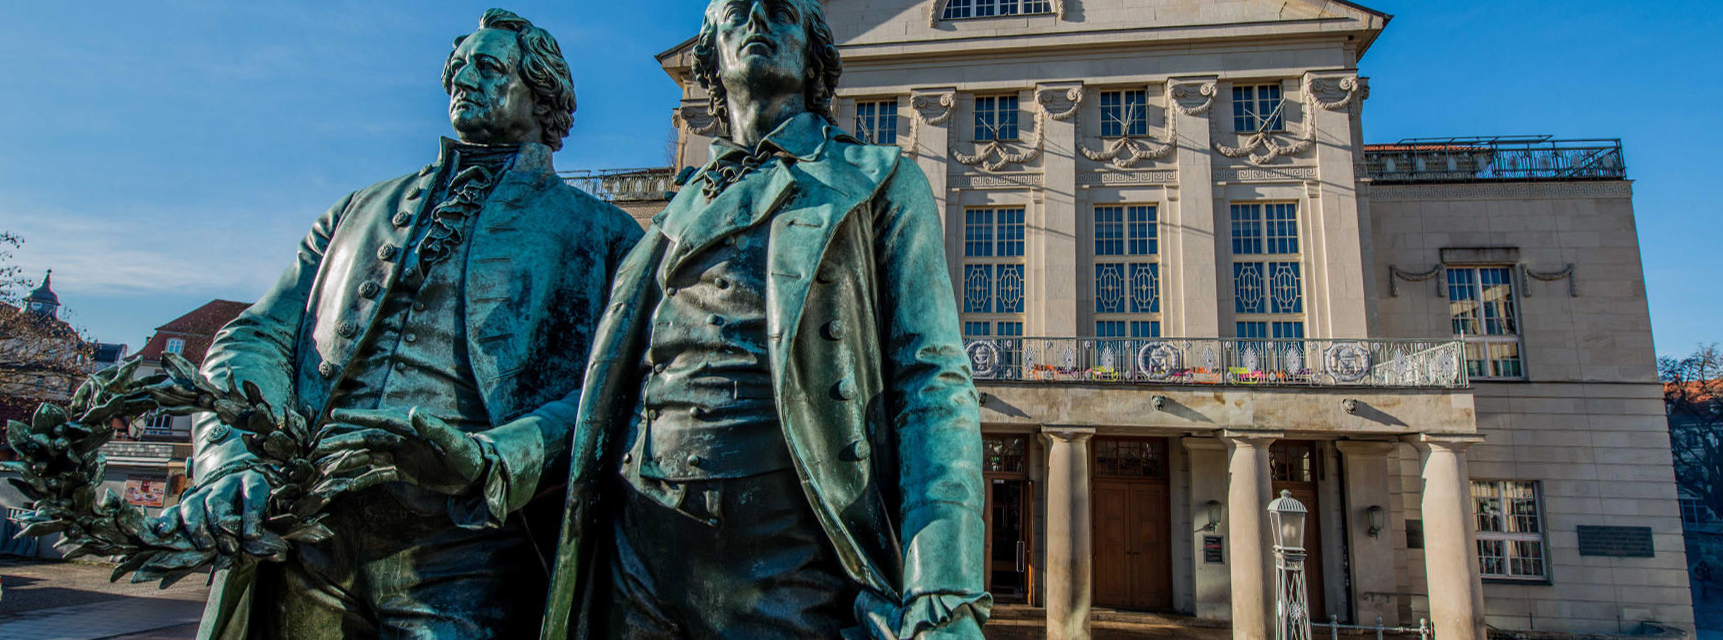 Goethe- und Schiller-Denkmal vor dem Deutschen Nationaltheater in Weimar